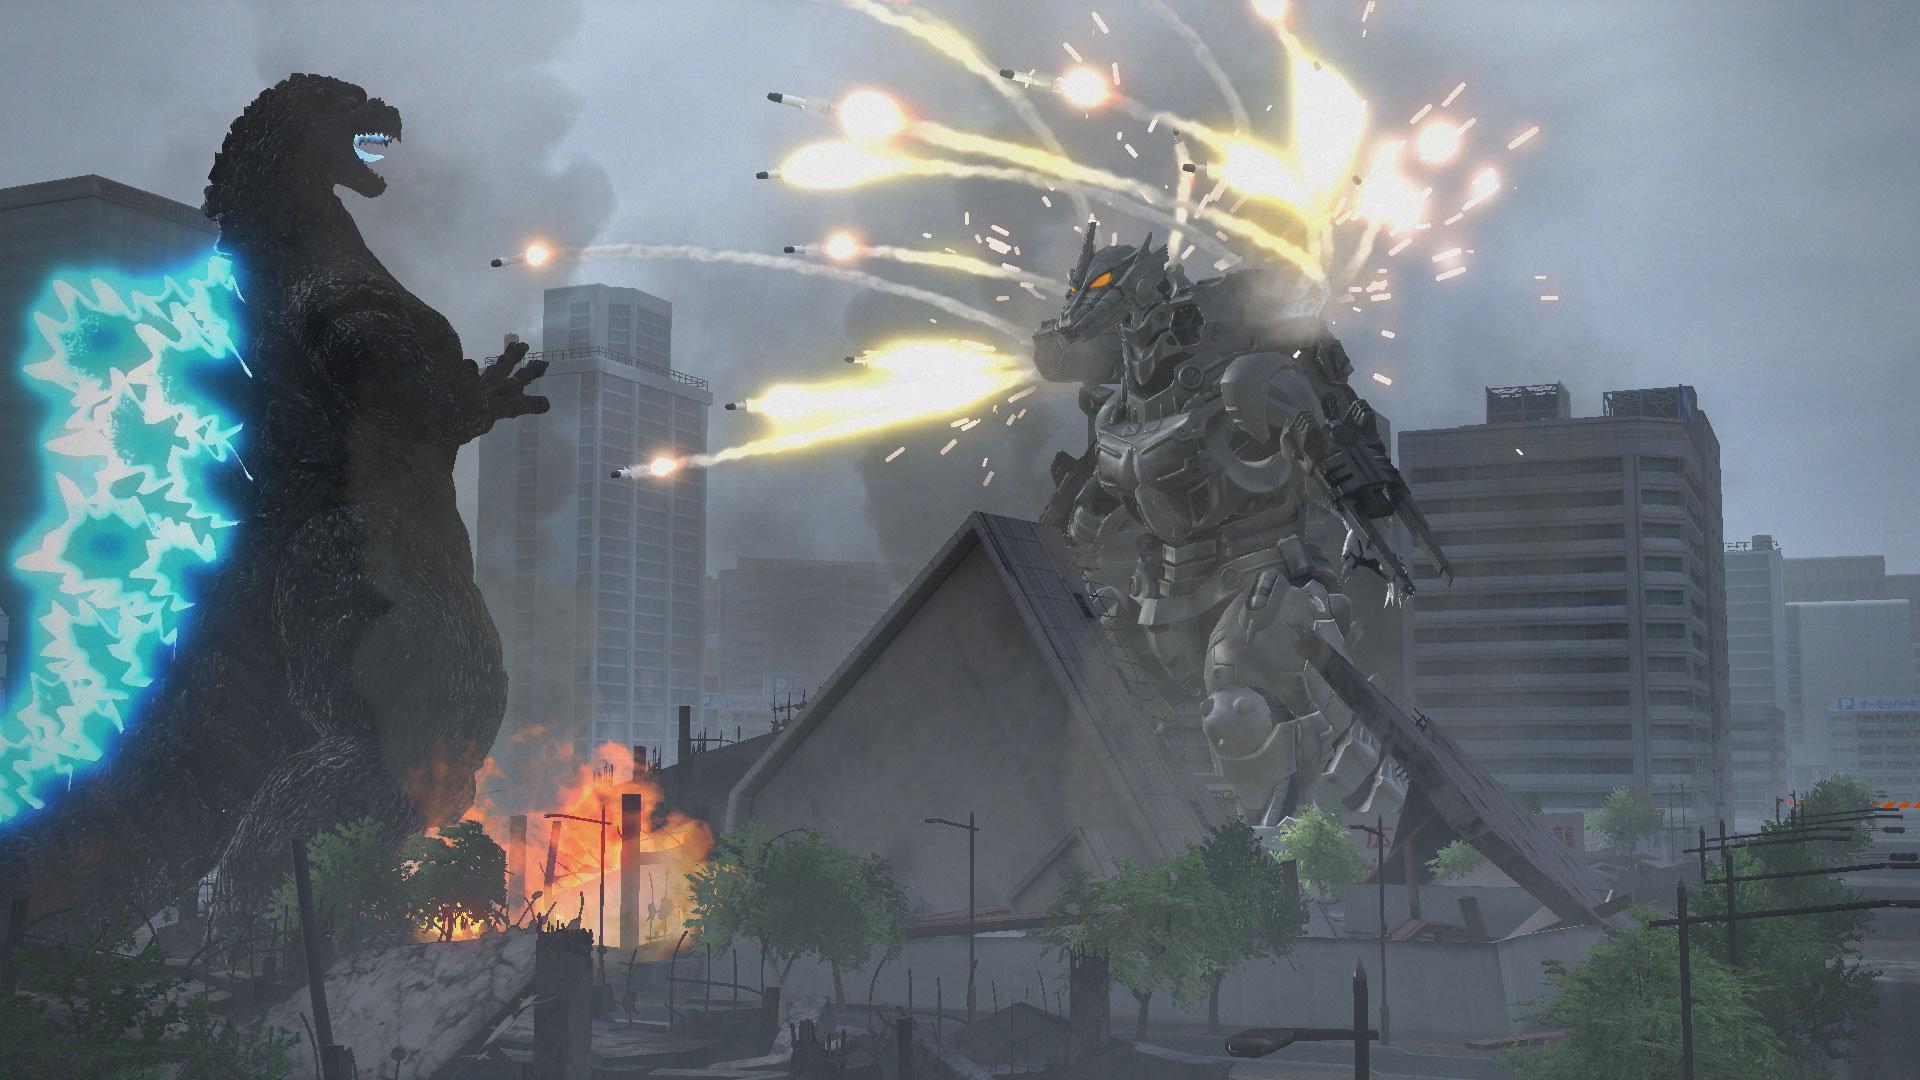 Godzilla and Mechagodzilla fighting.